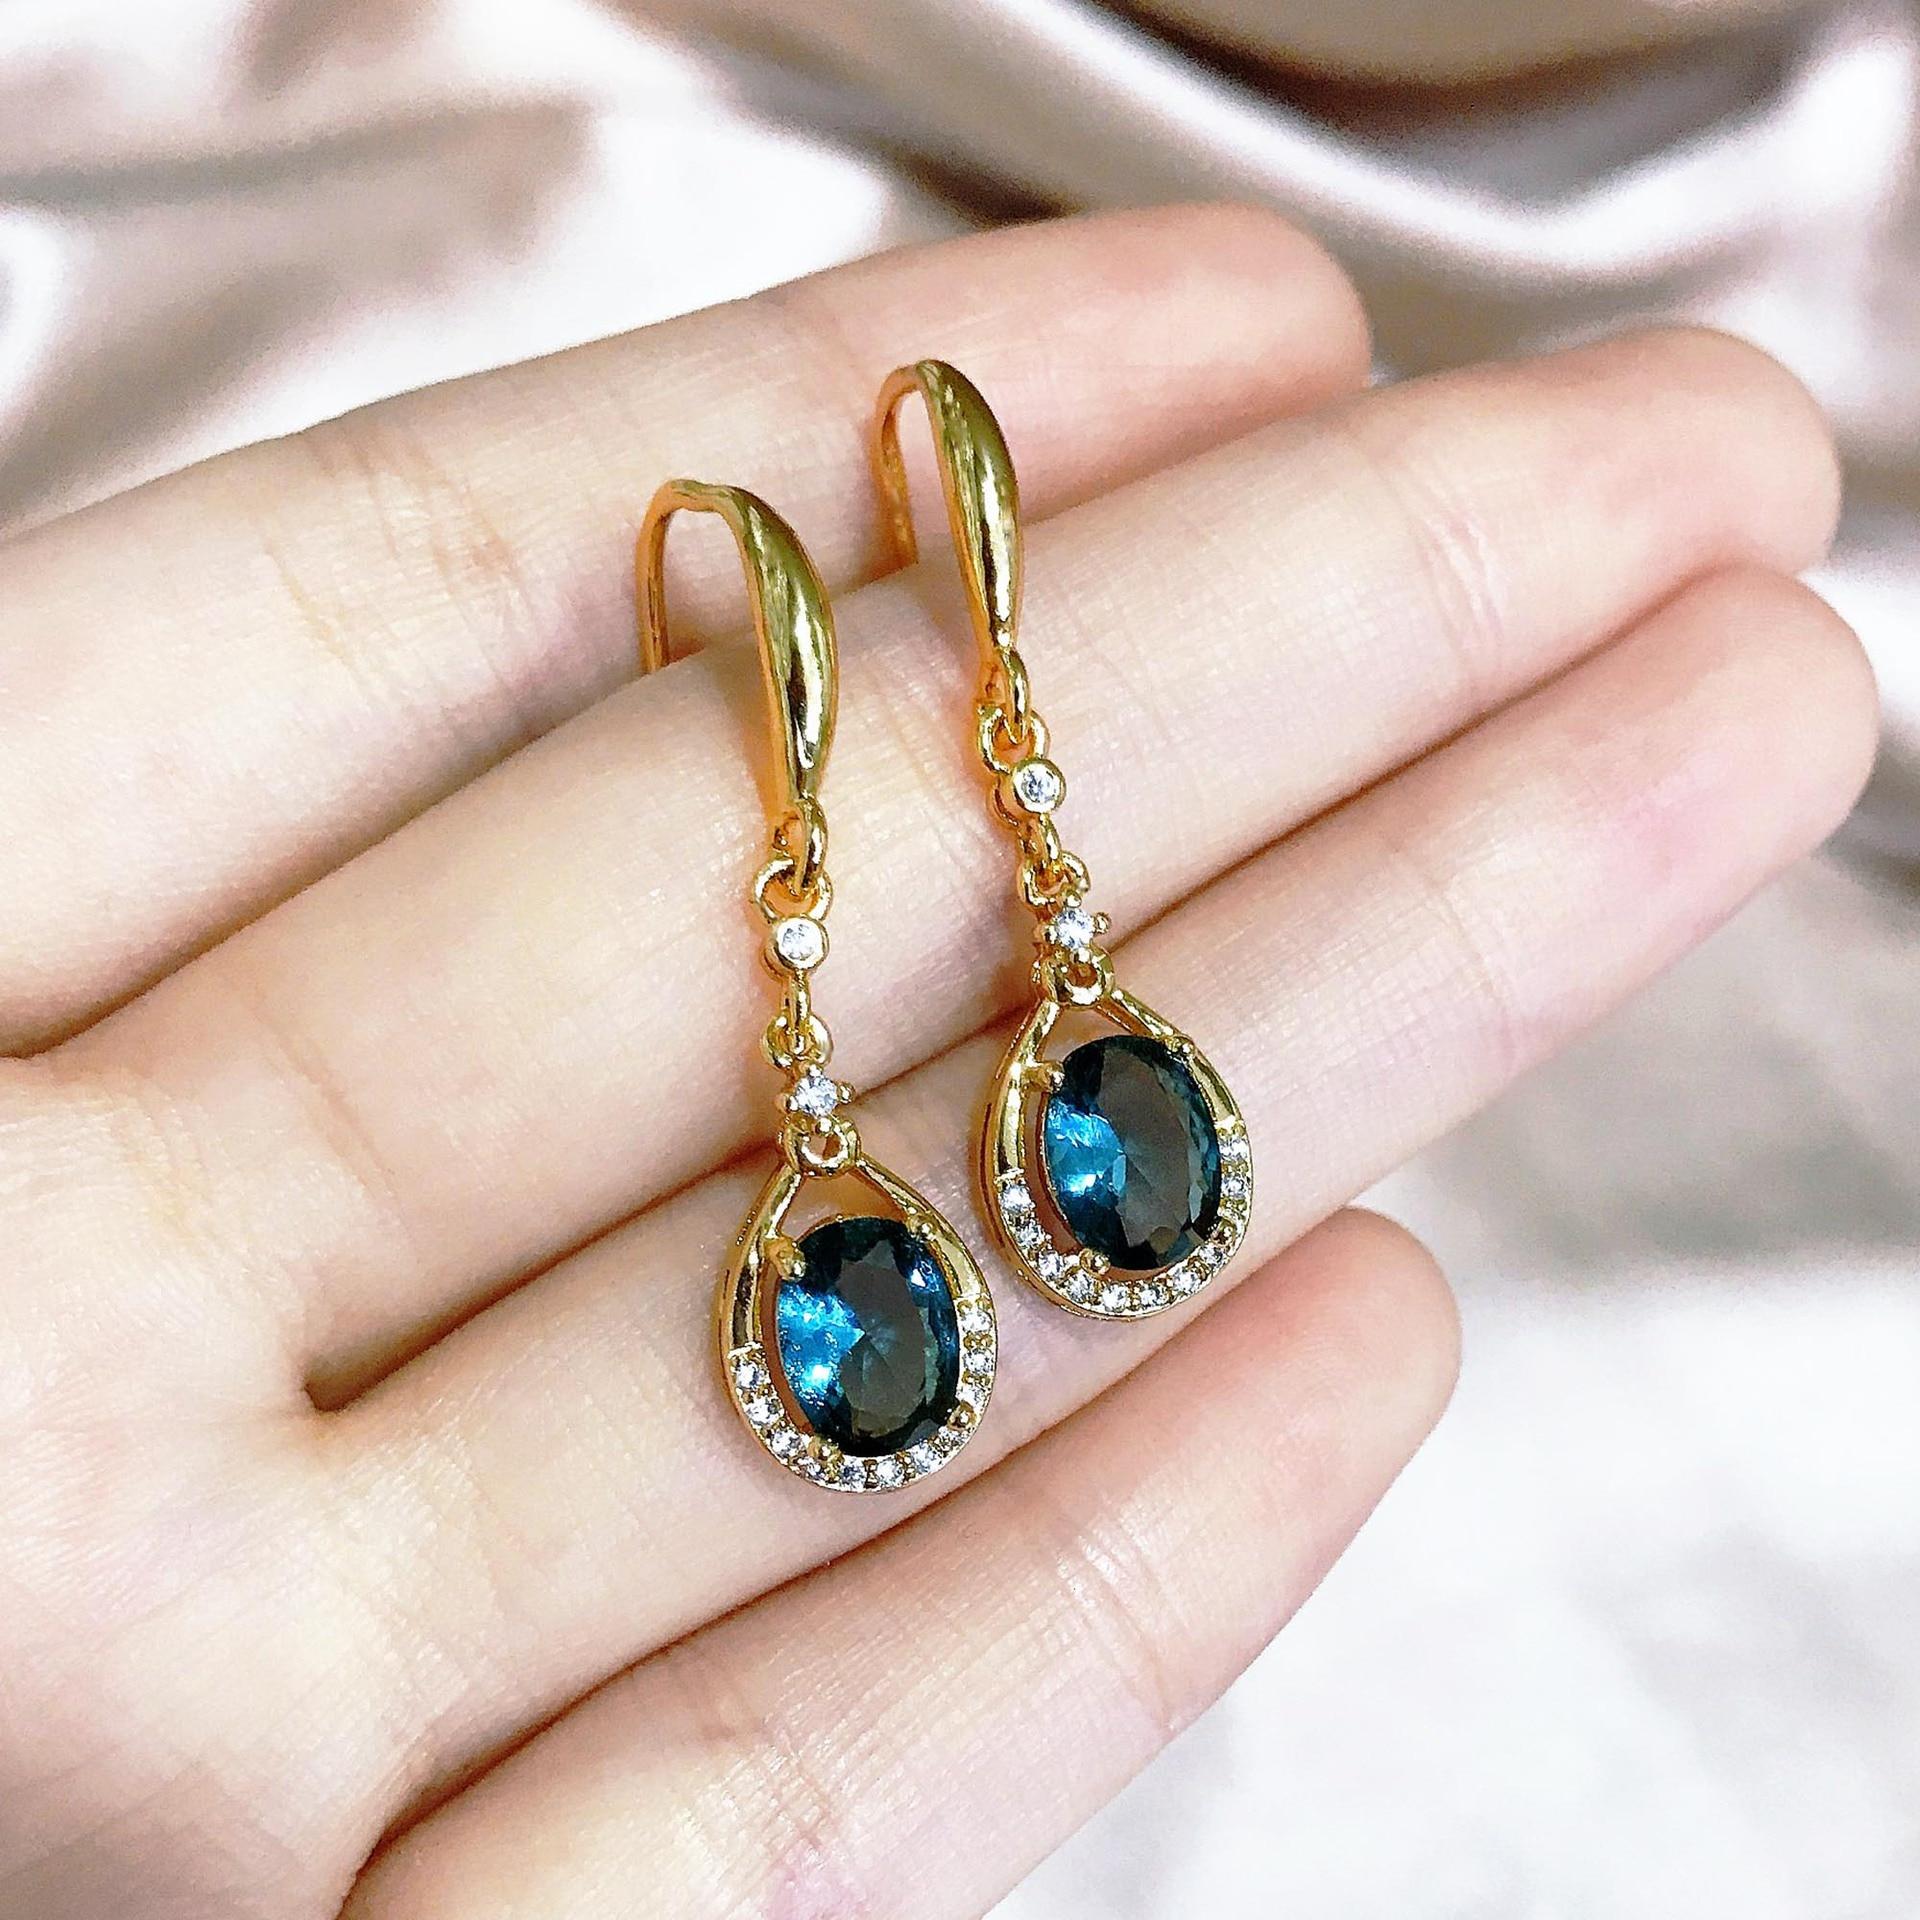 Серьги-женские-из-серебра-925-пробы-с-голубым-сапфиром-14-К-желтого-золота